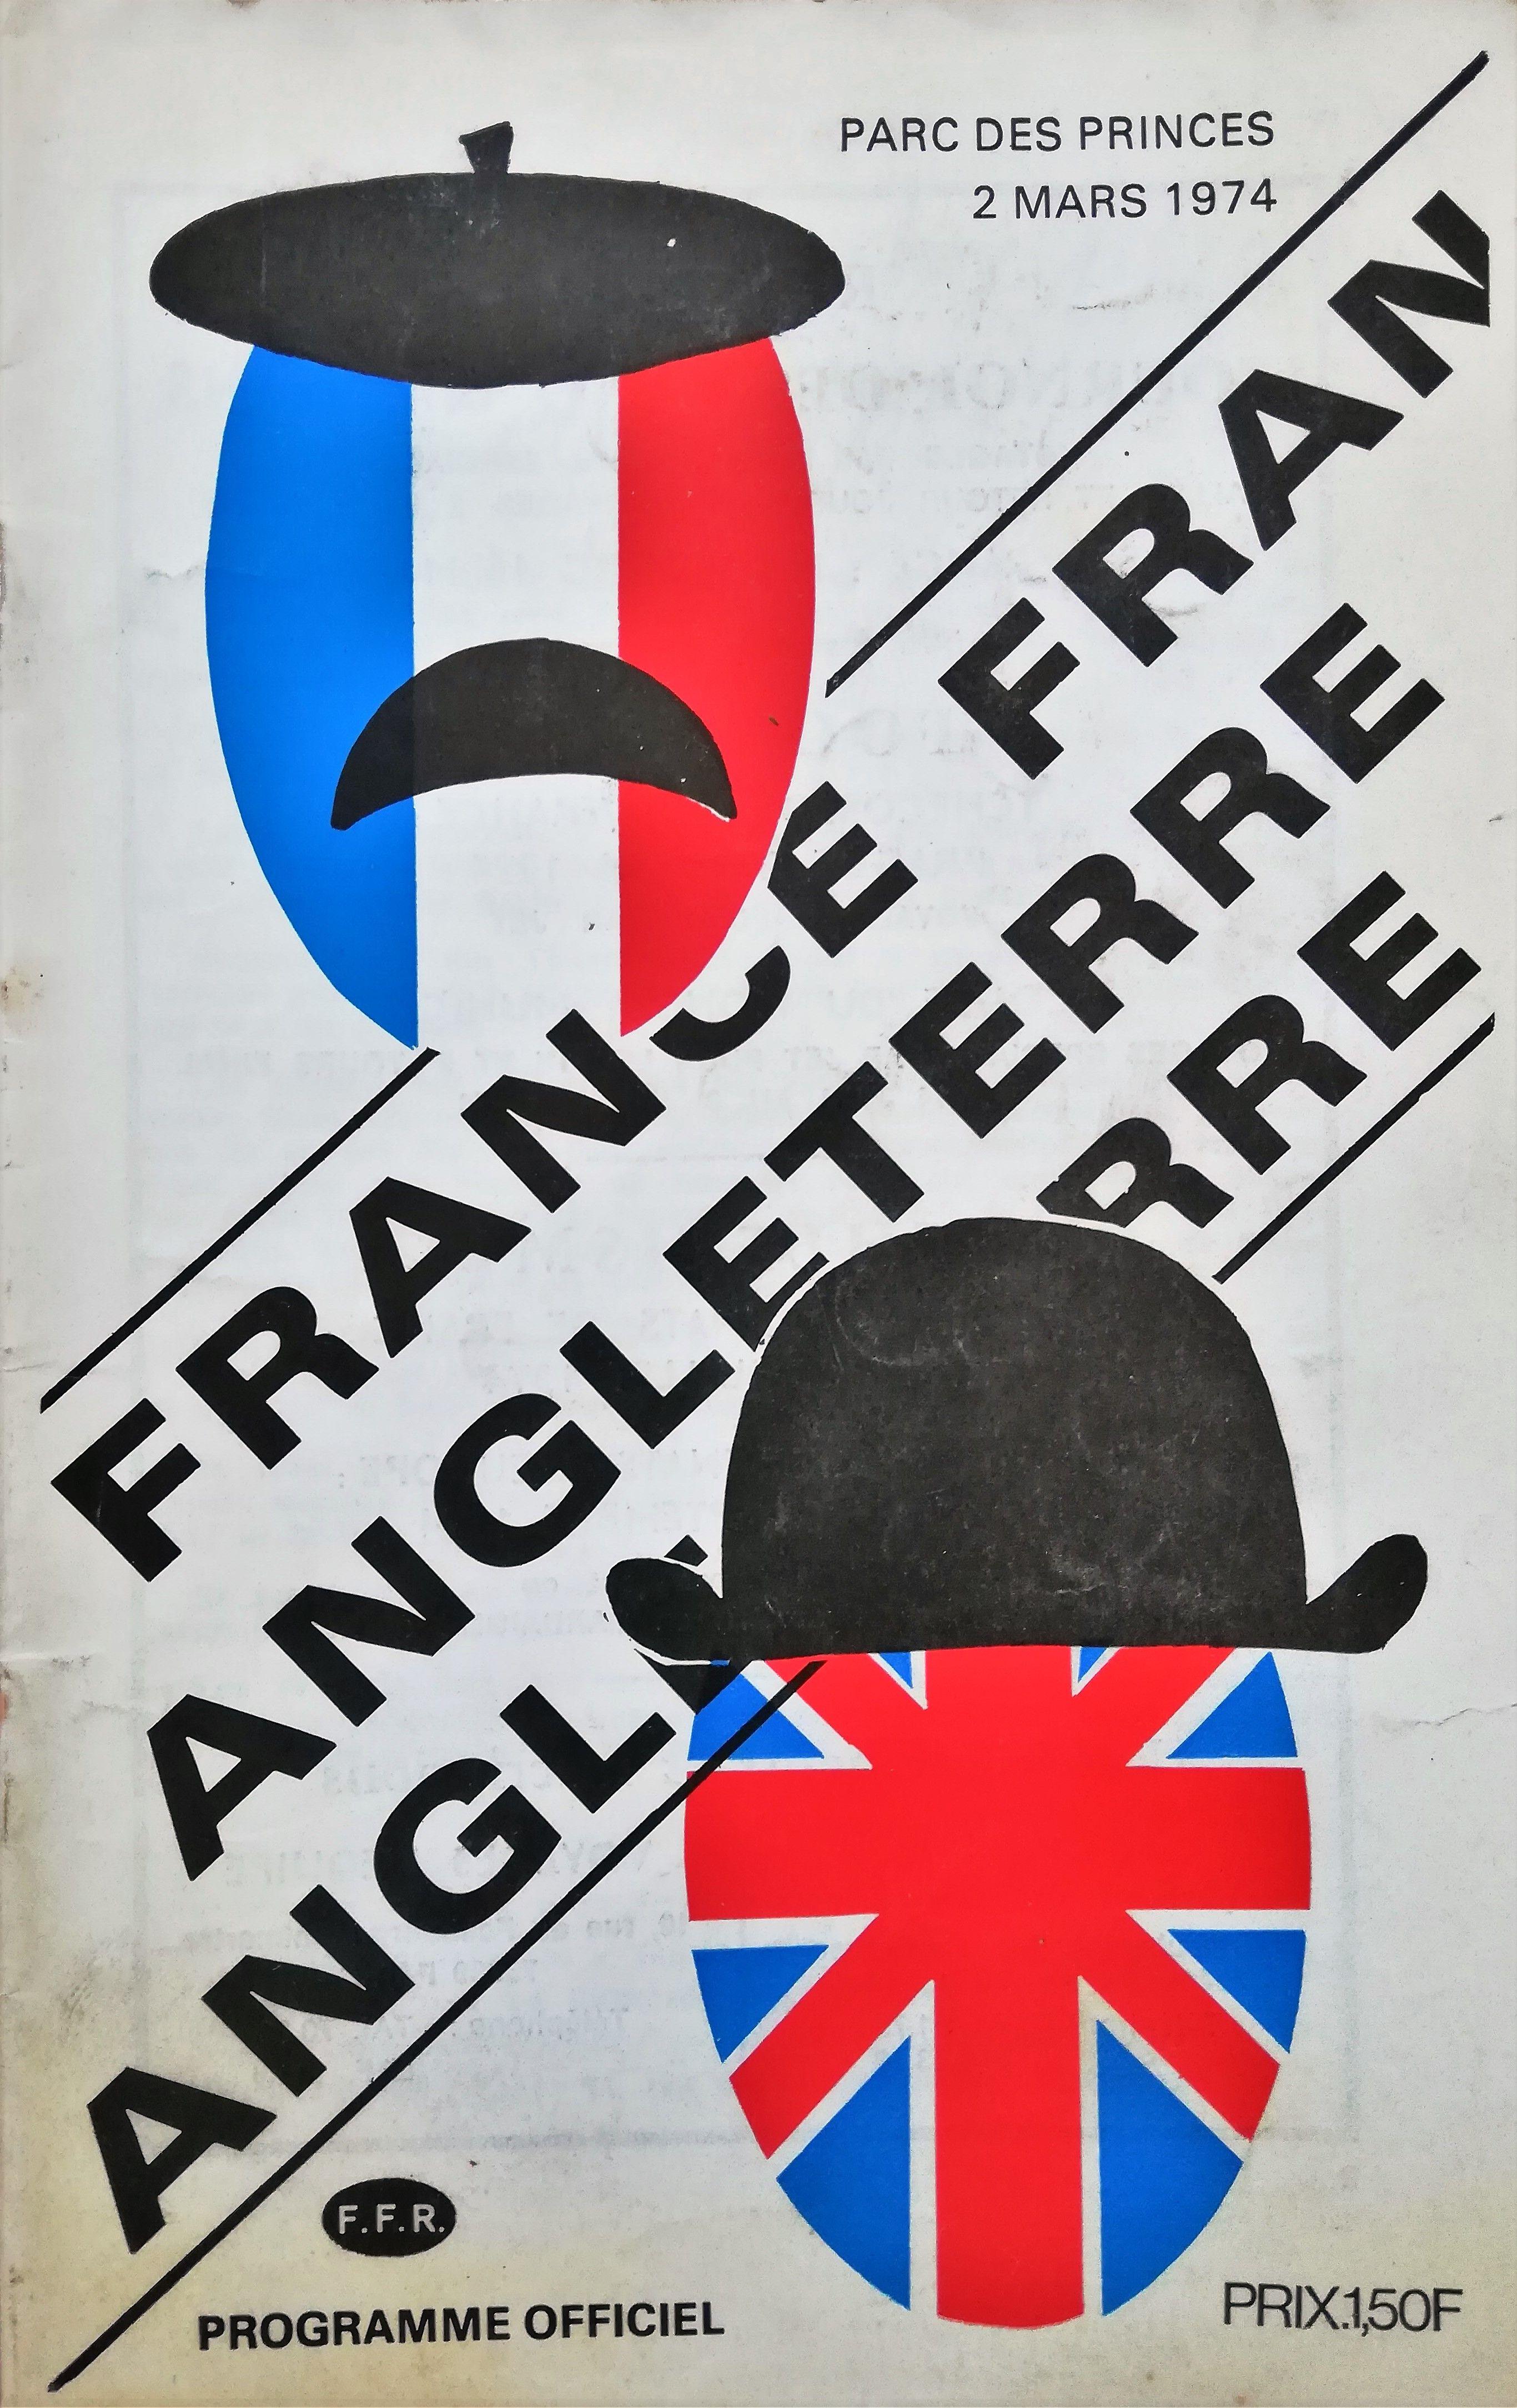 France v England 1974 Rugby Programme in 2020 France